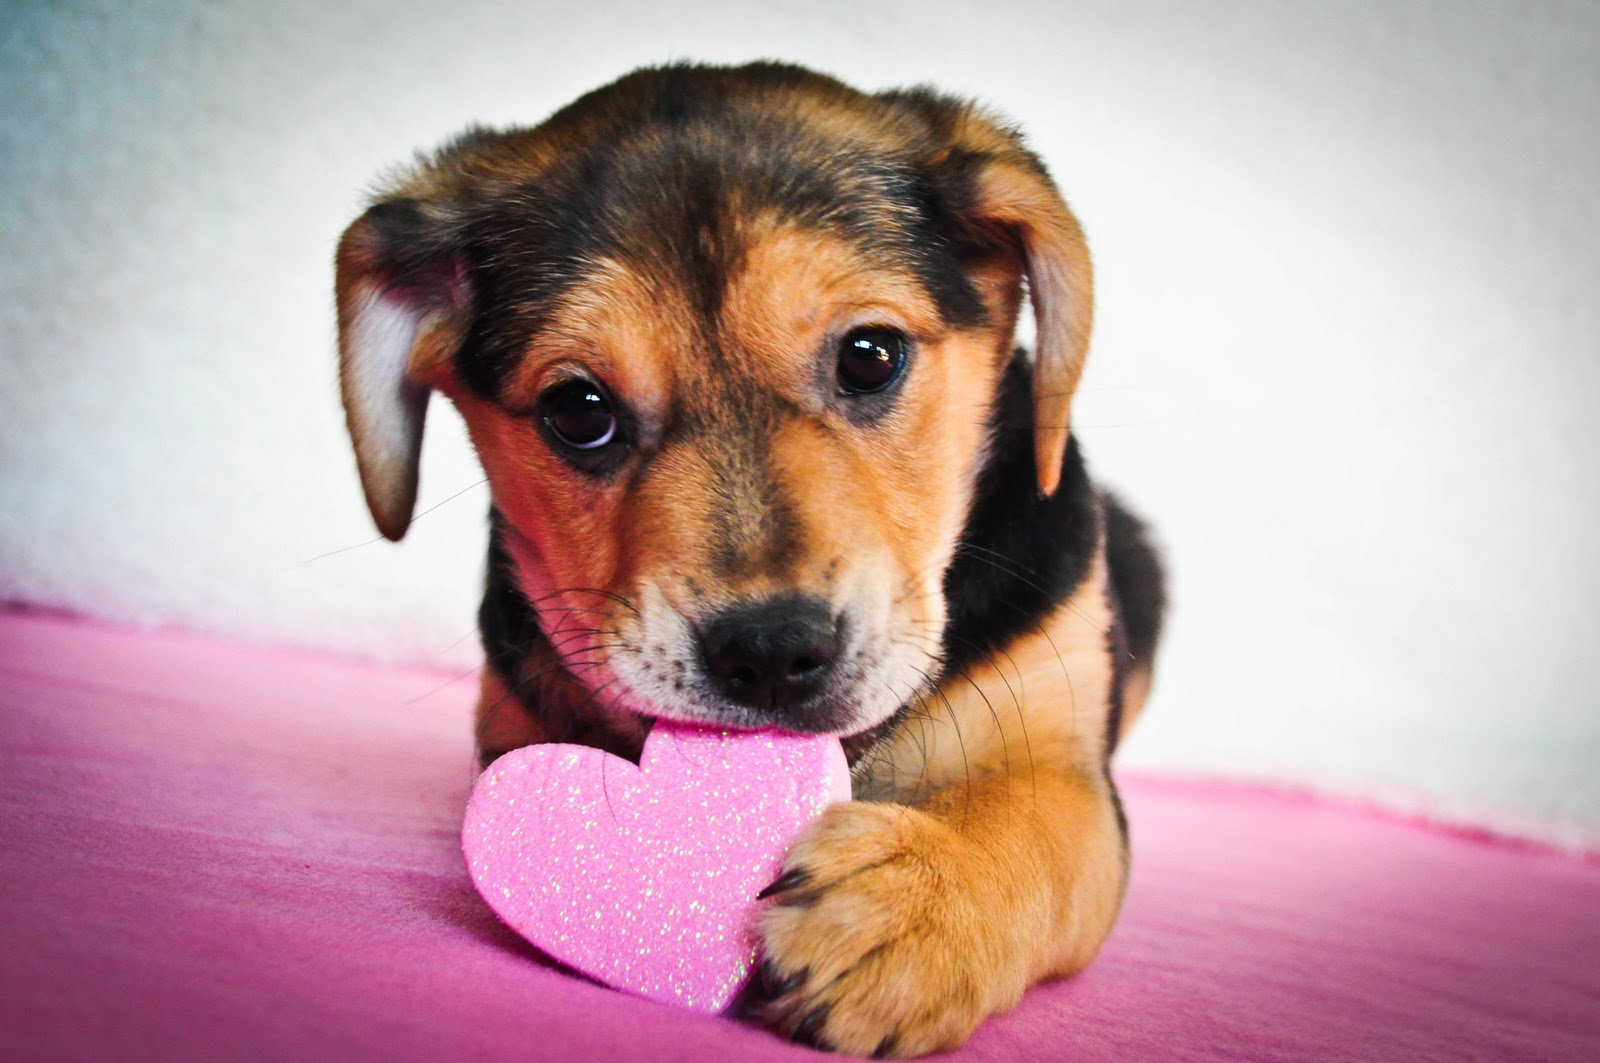 Camden's Valentine's Day Puppy Grams